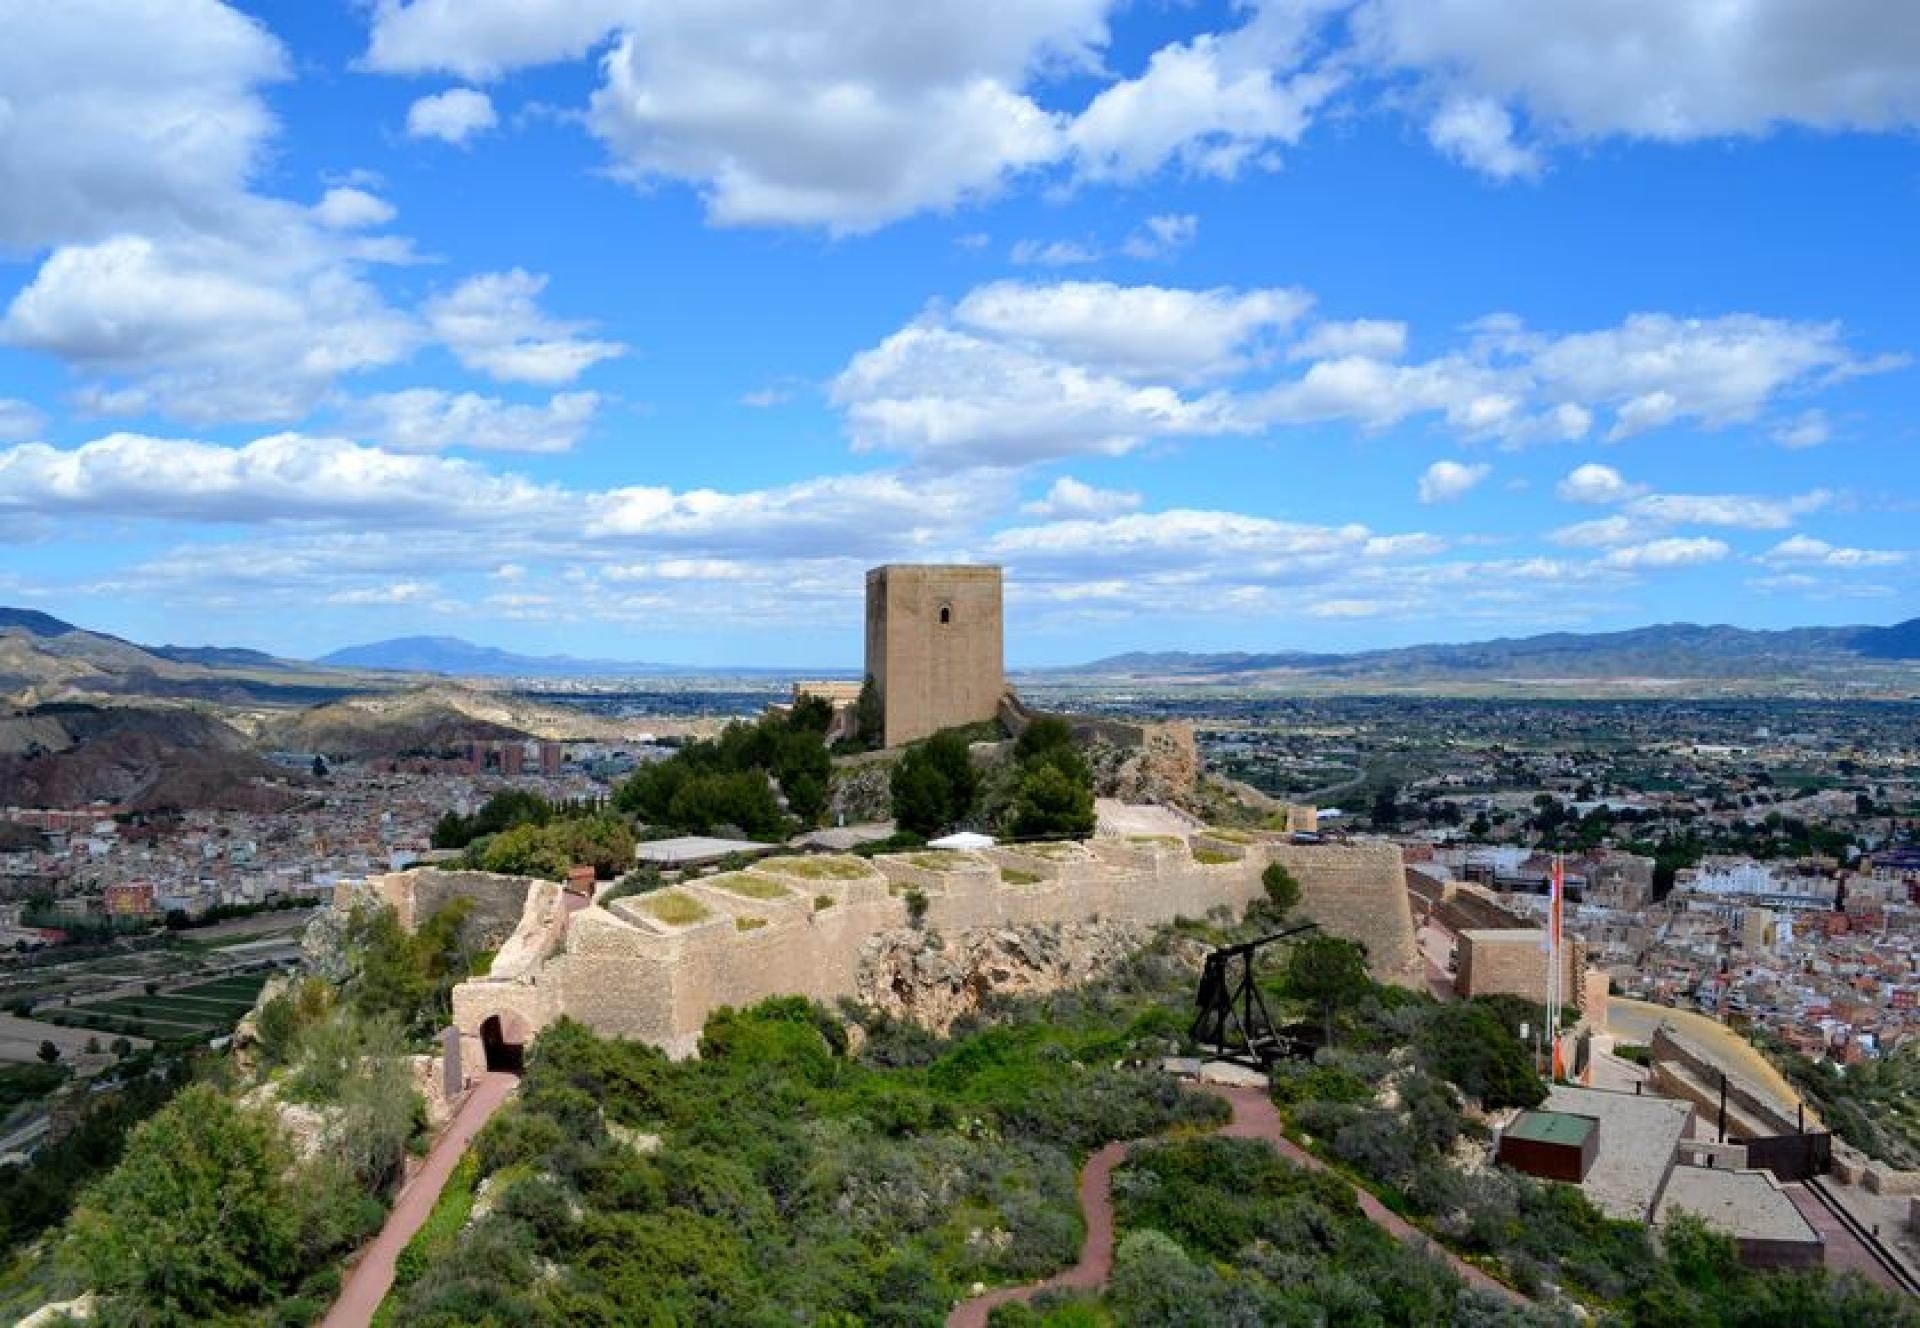 Hacienda San Juan - Lorca (Murcia)